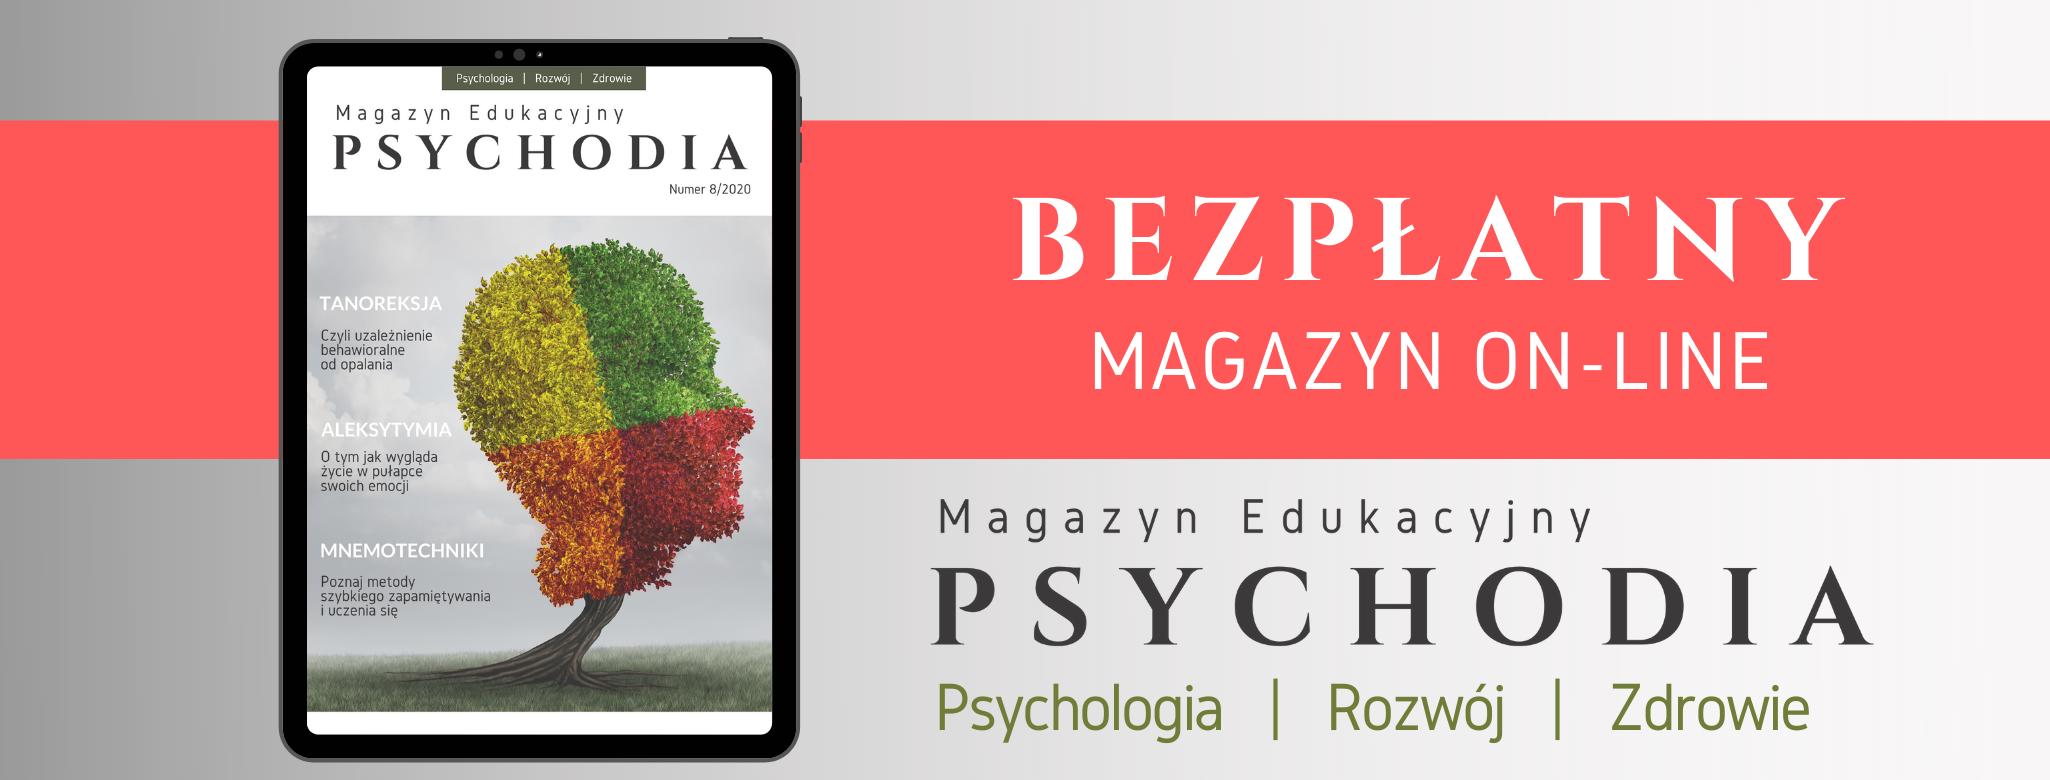 """Magazyn edukacyjny """"PSYCHODIA"""""""